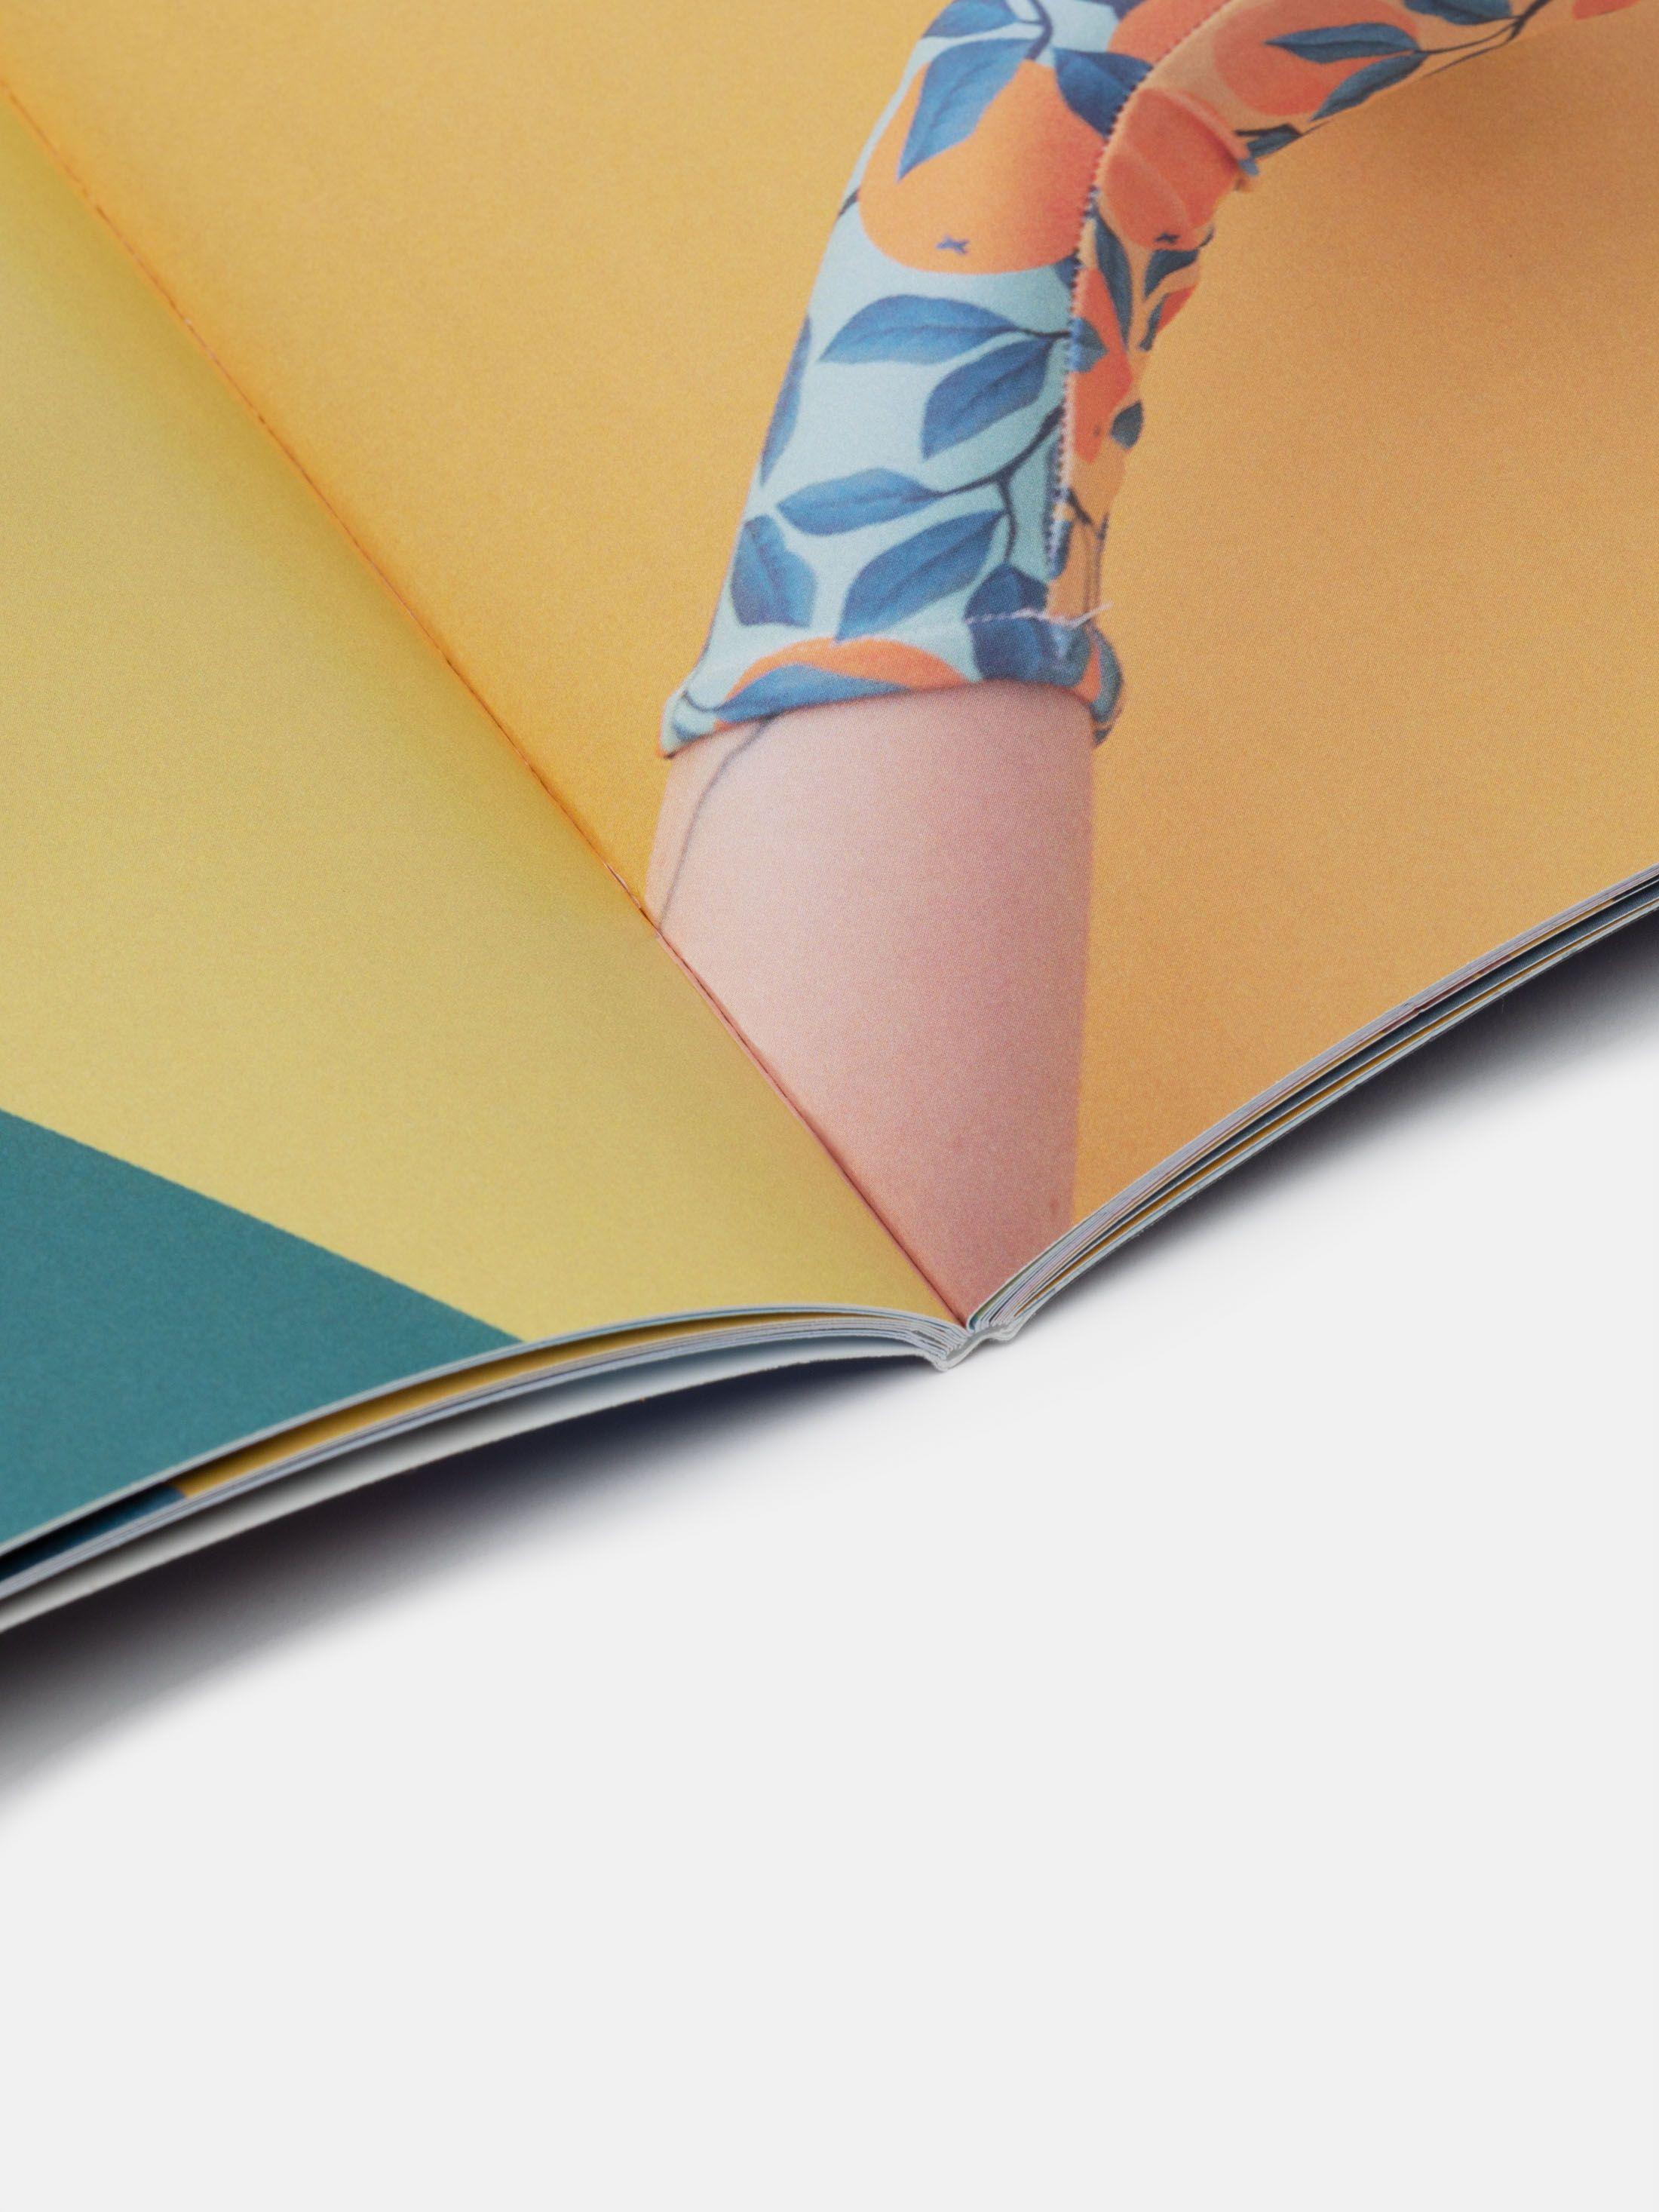 gepersonaliseerd lookbook met foto's